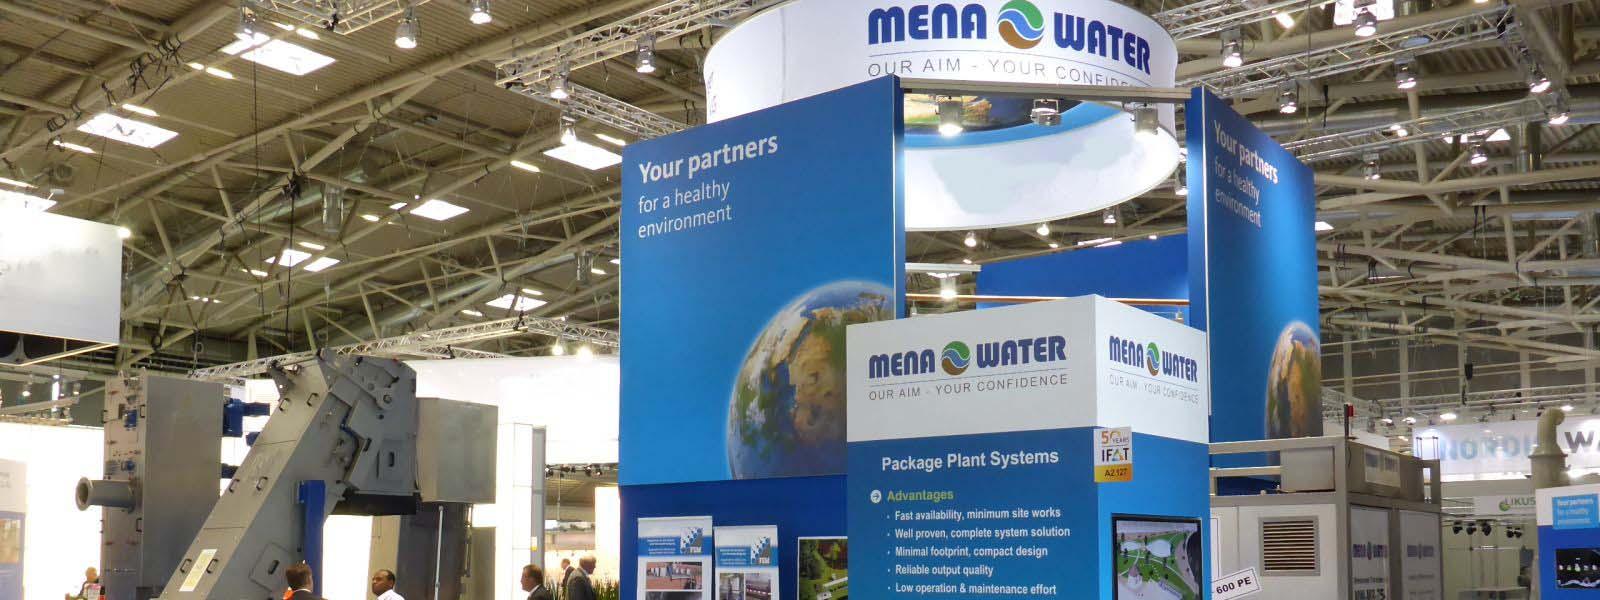 MENA WATER GmbH